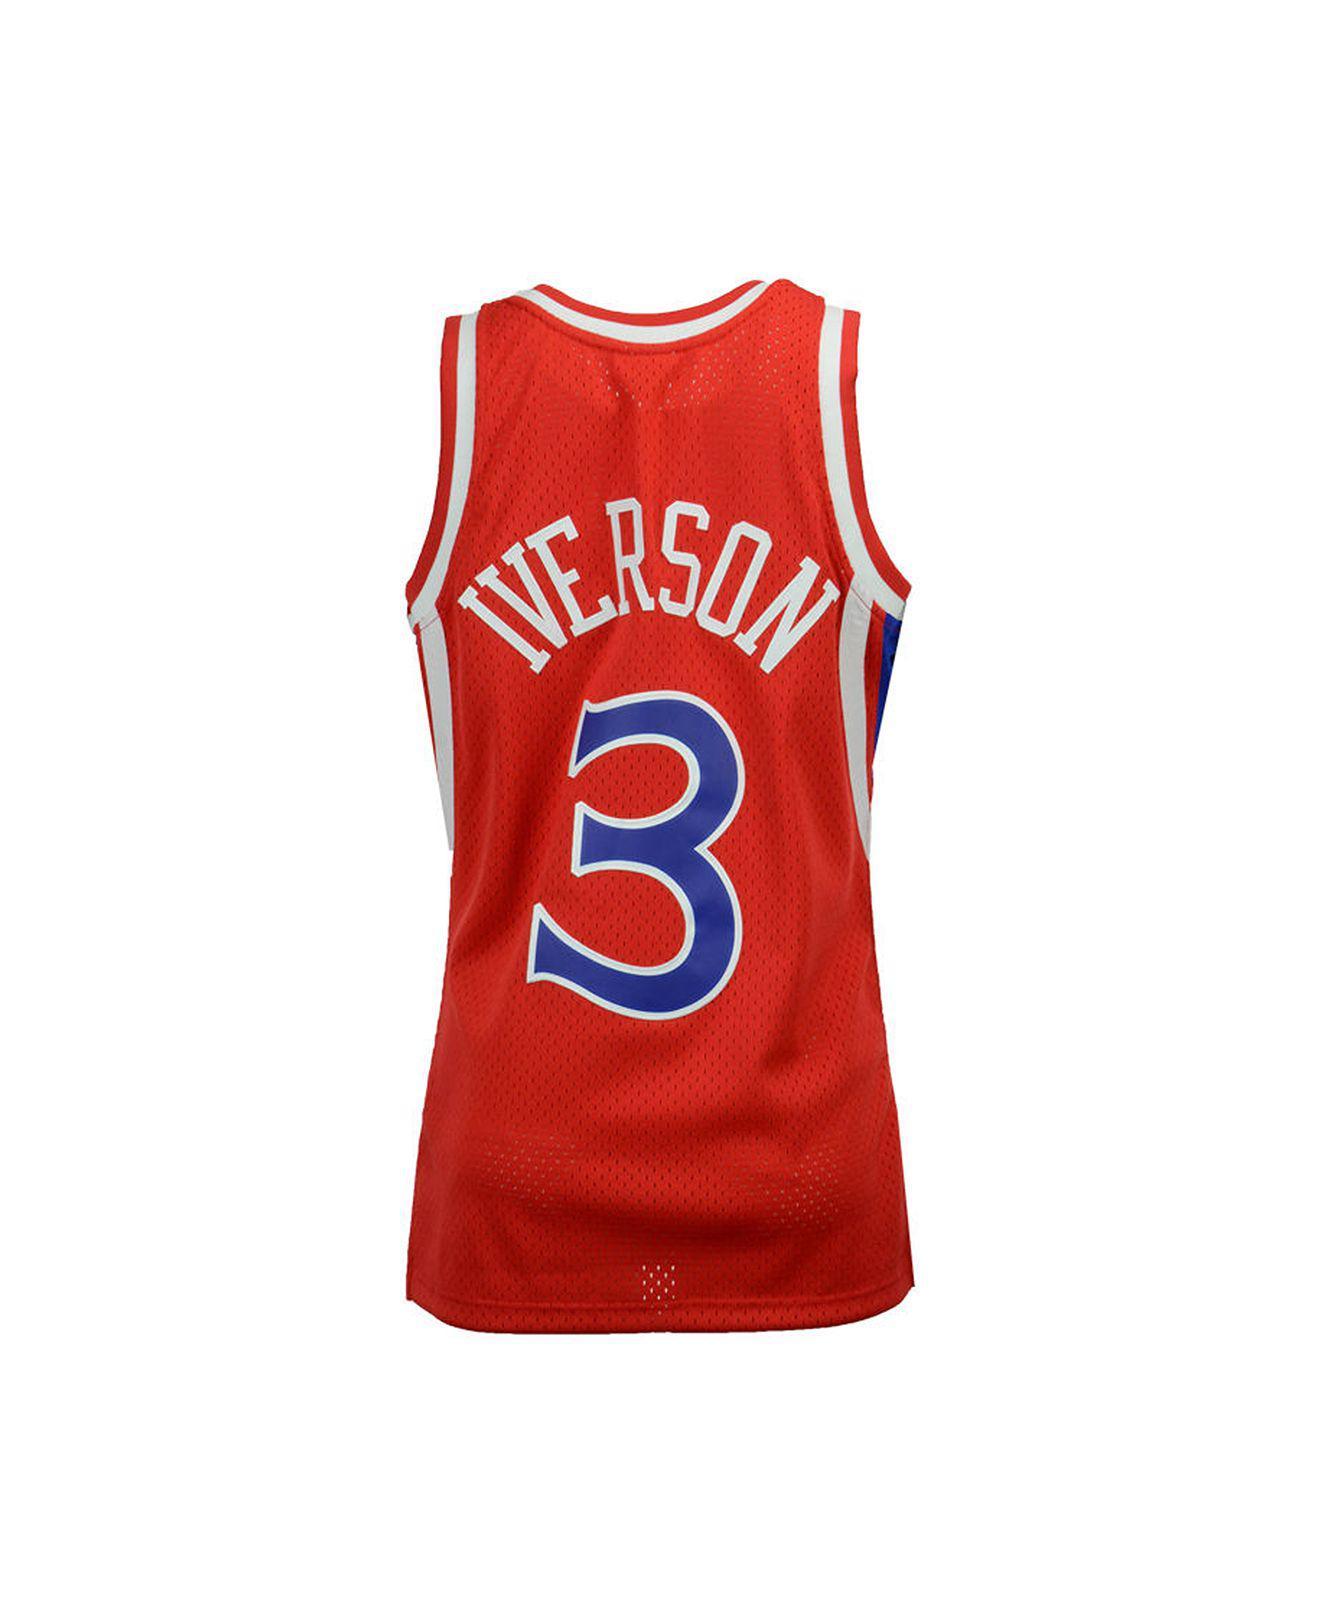 227c7778ecab Mitchell   Ness. Men s Red Allen Iverson Philadelphia 76ers Hardwood Classic  Swingman Jersey